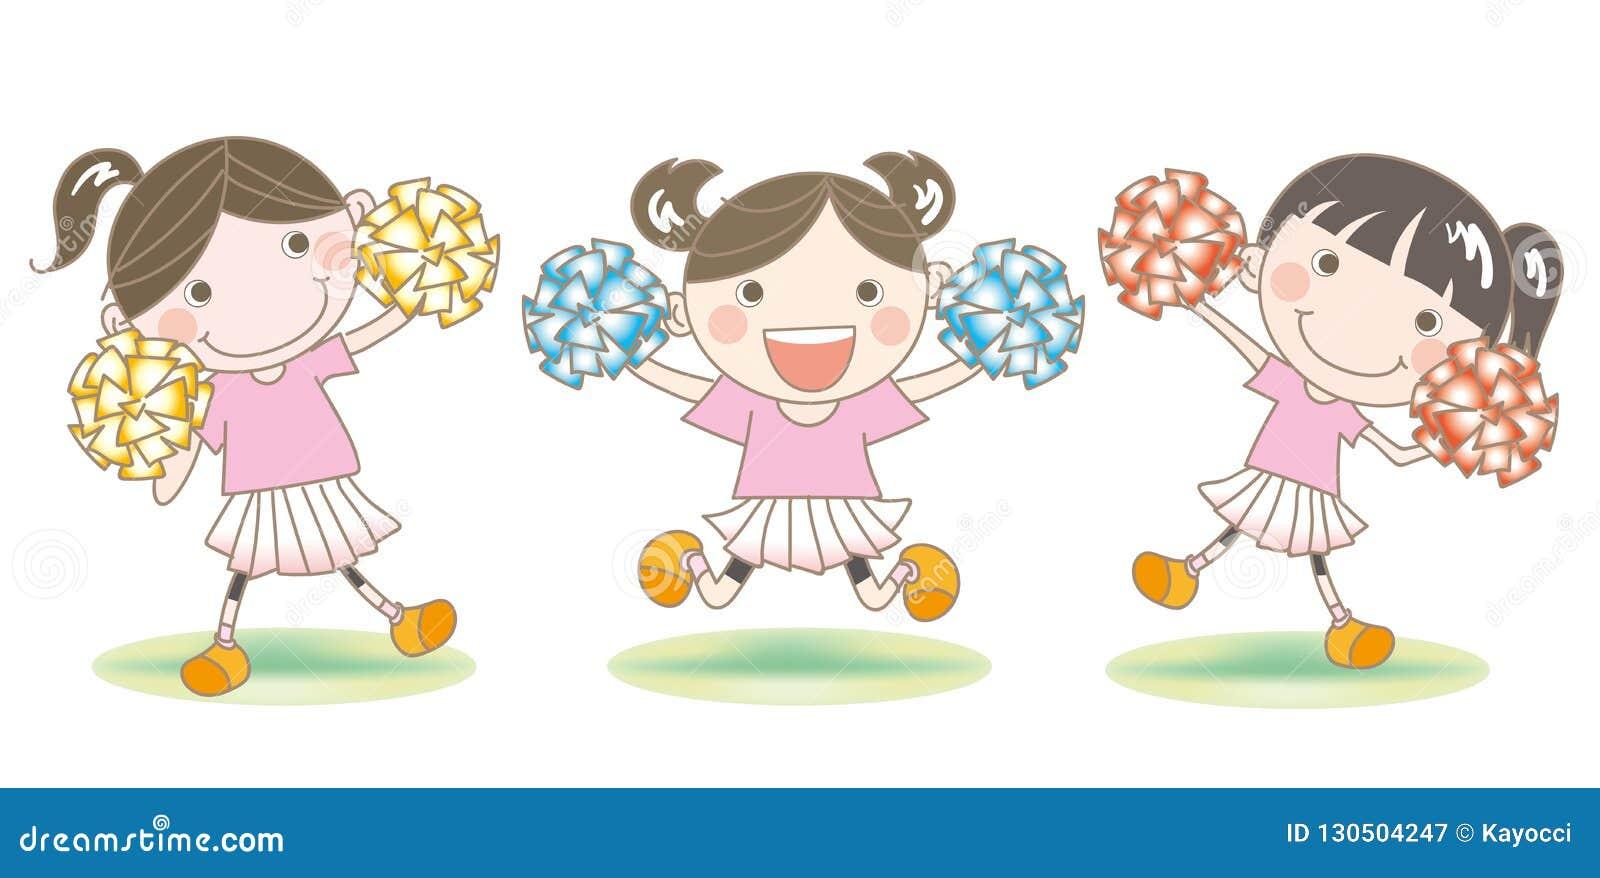 Cheerleader`s support image